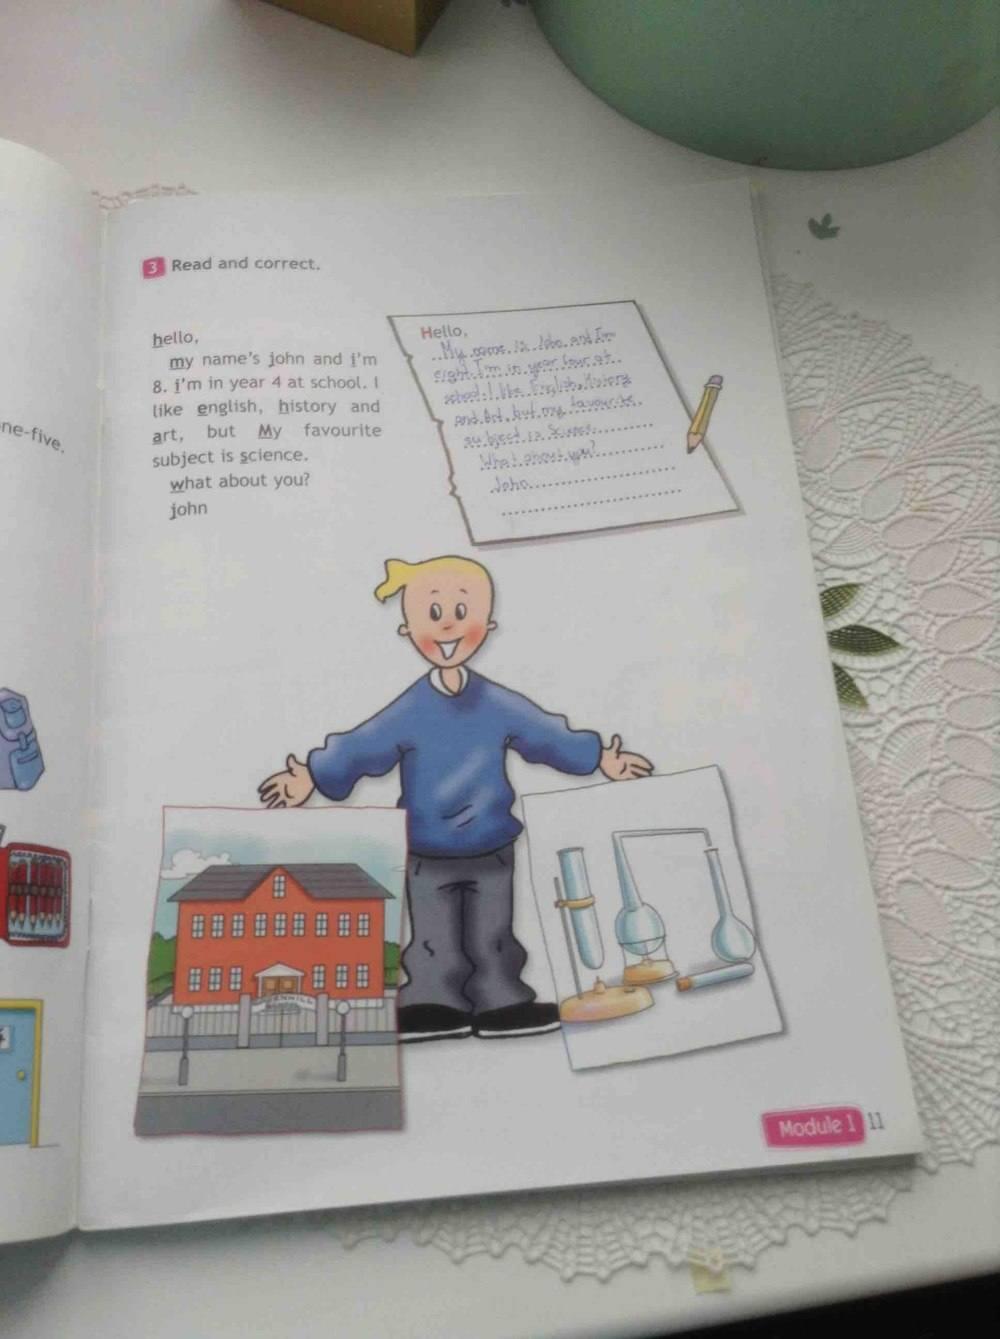 Поспелова 3 рабочая тетрадь решебник по класс английскому